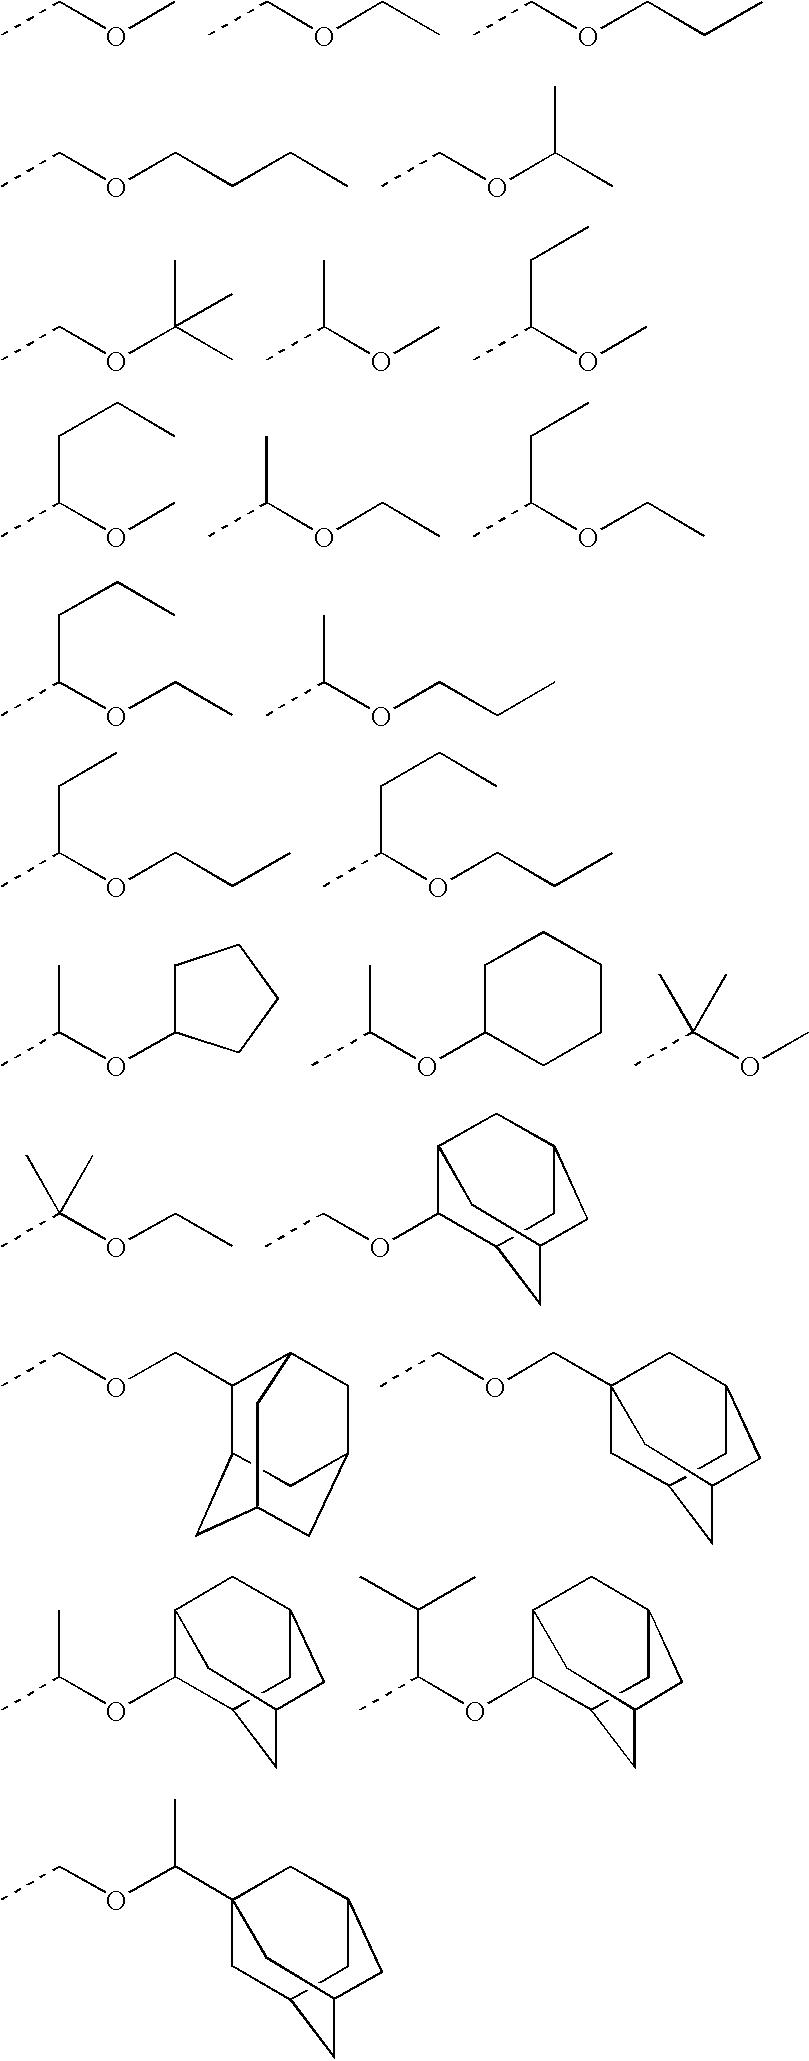 Figure US07771913-20100810-C00027